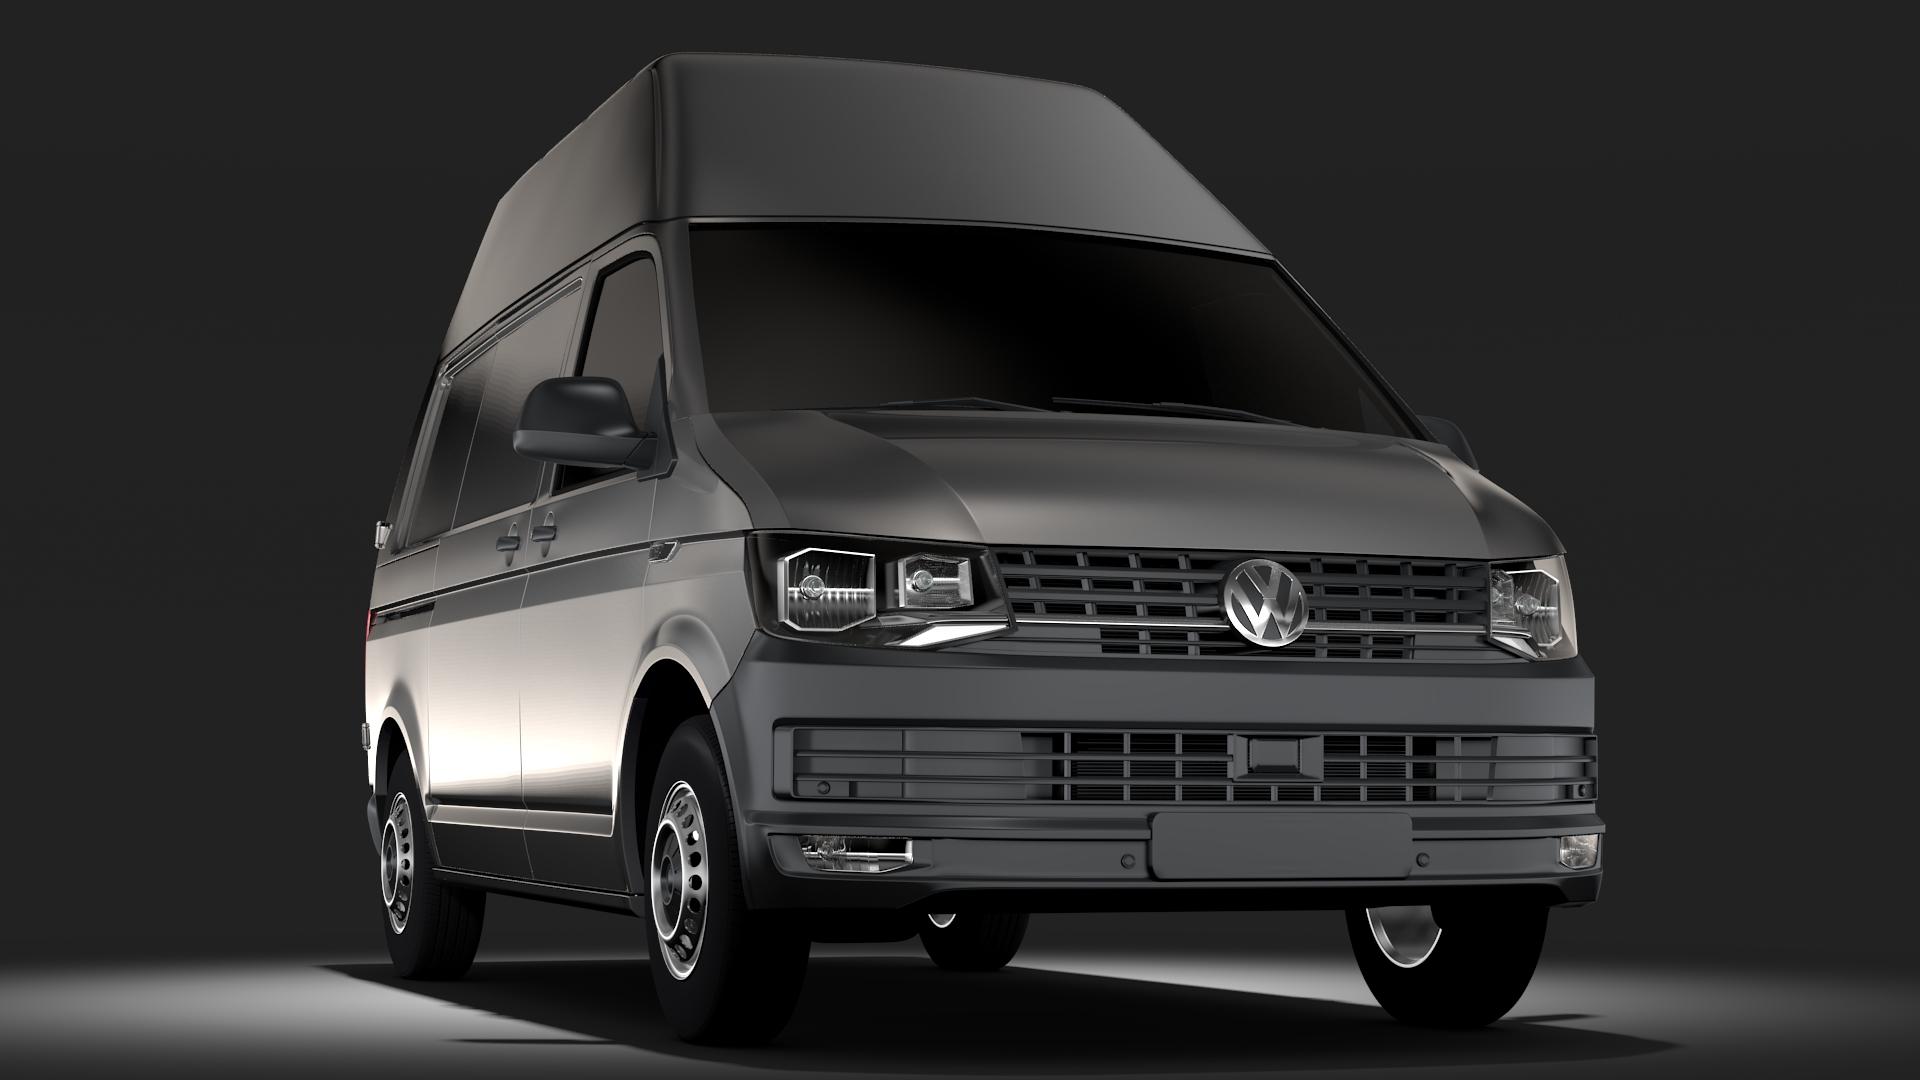 volkswagen transporter van l1h3 t6 2017 3d model max fbx c4d lwo ma mb hrc xsi obj 275175